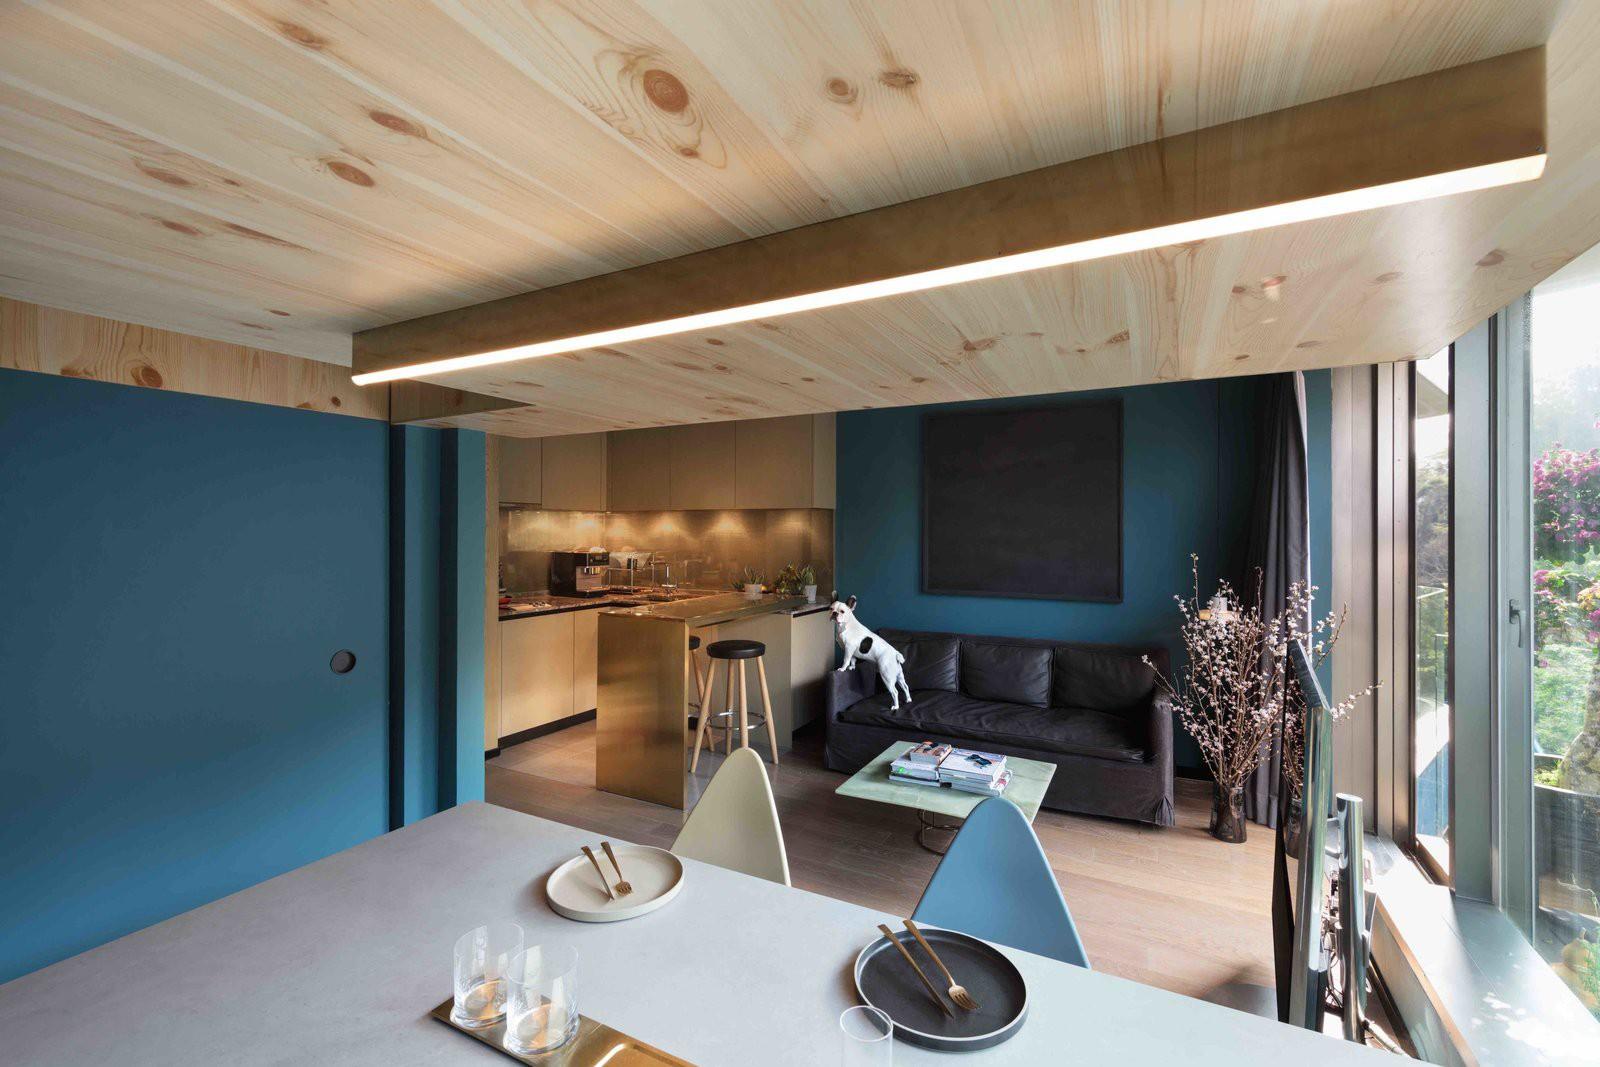 Chiêm ngưỡng căn hộ nhỏ này, bạn sẽ thấy nhà nhỏ nhưng có trần cao thì mọi việc đều được giải quyết đơn giản - Ảnh 3.